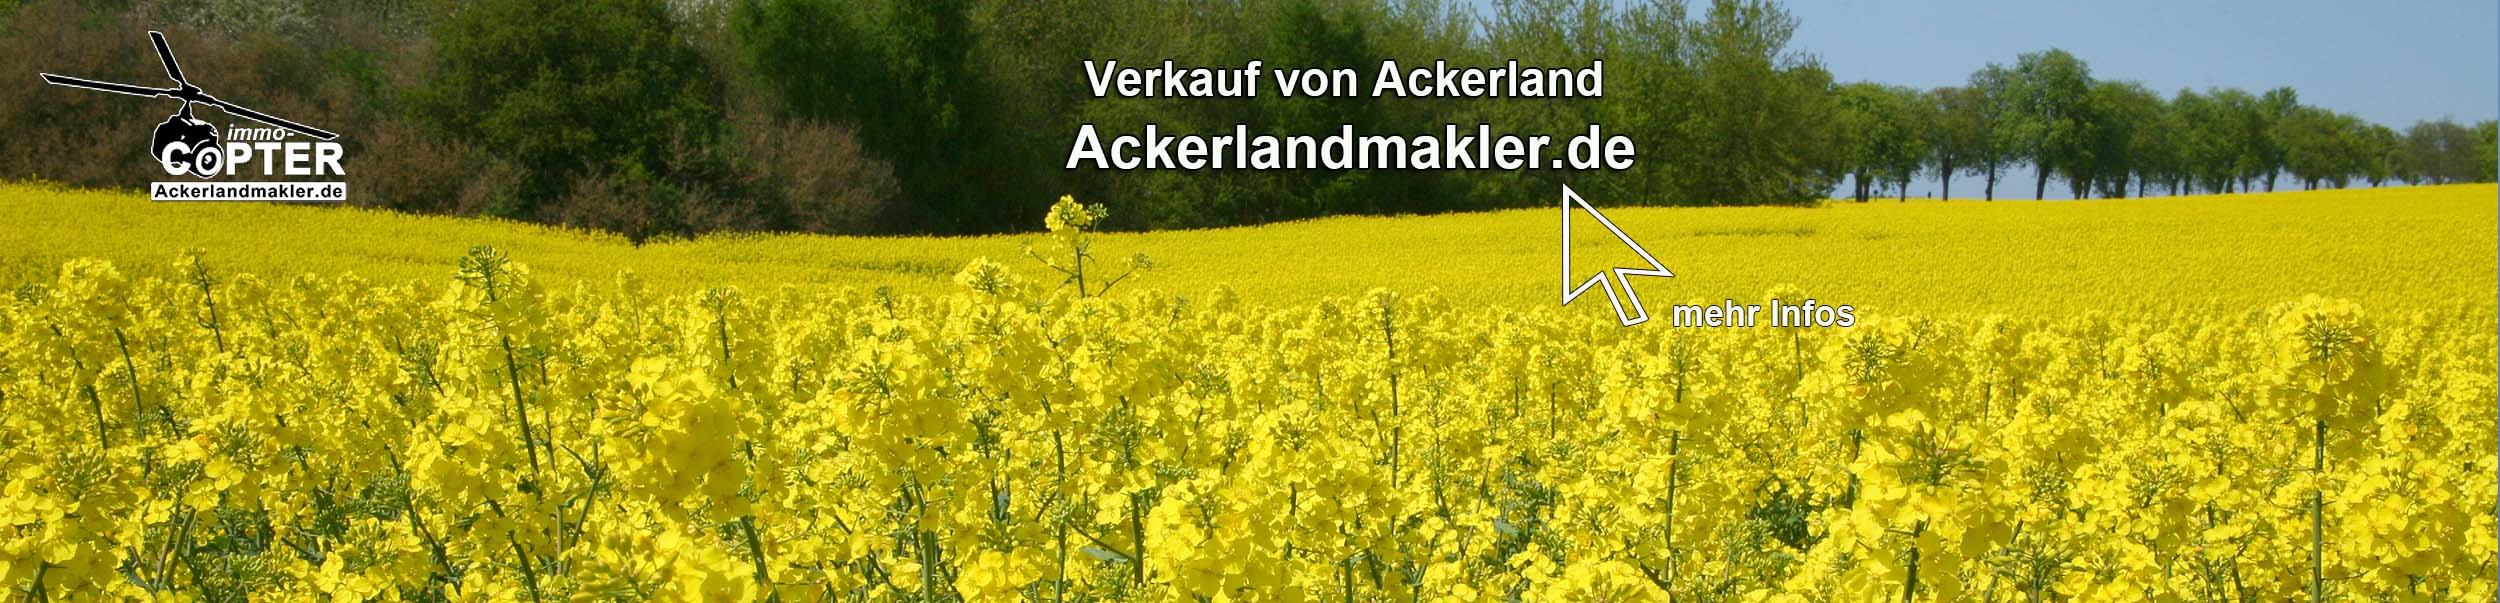 Ackerlandverkauf